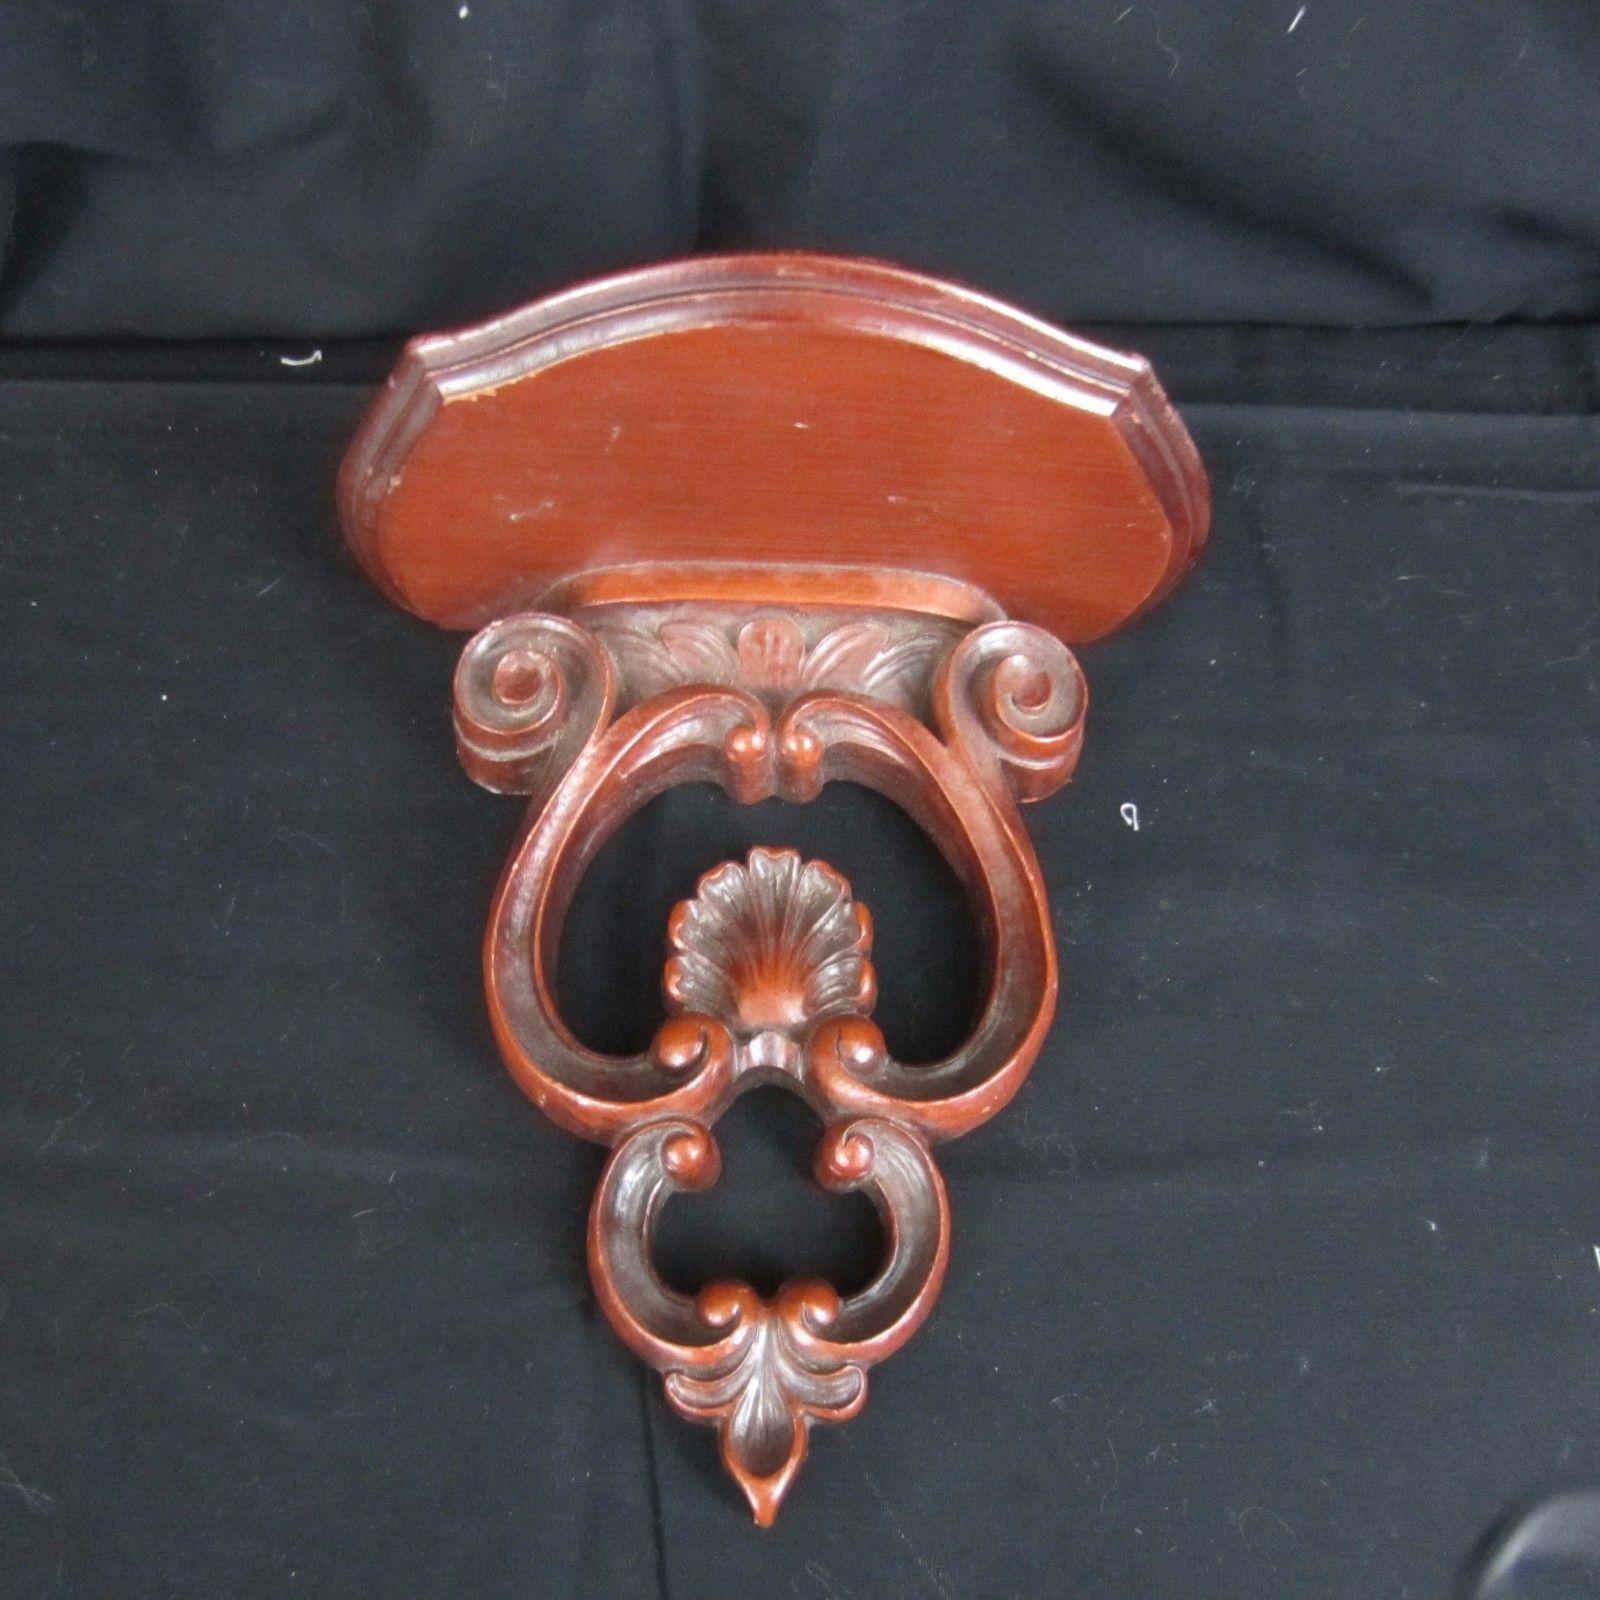 dagian expand wall ornate shelves p to click shelf